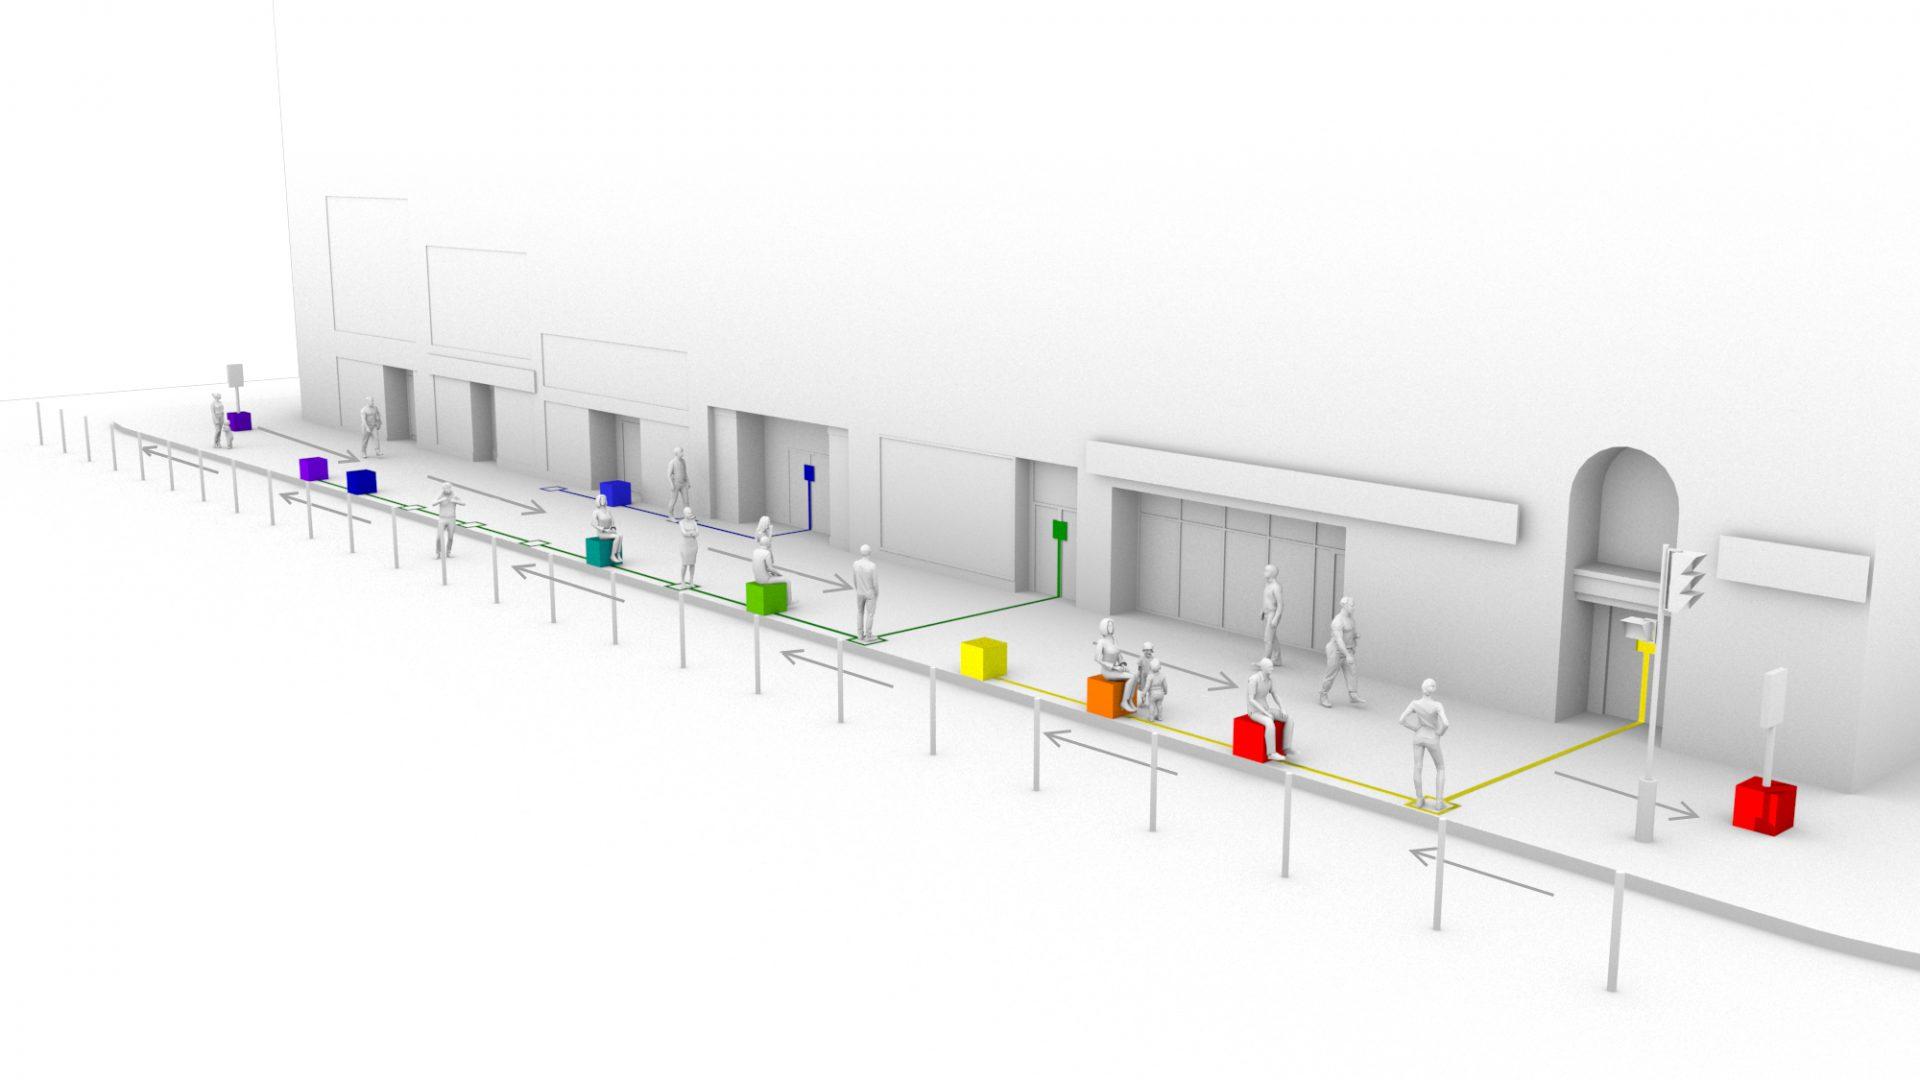 Signalétique et mobilier de gestion conviviale des files d'attentes - Prototype par Dix au Carré pour Destination centre-ville-1